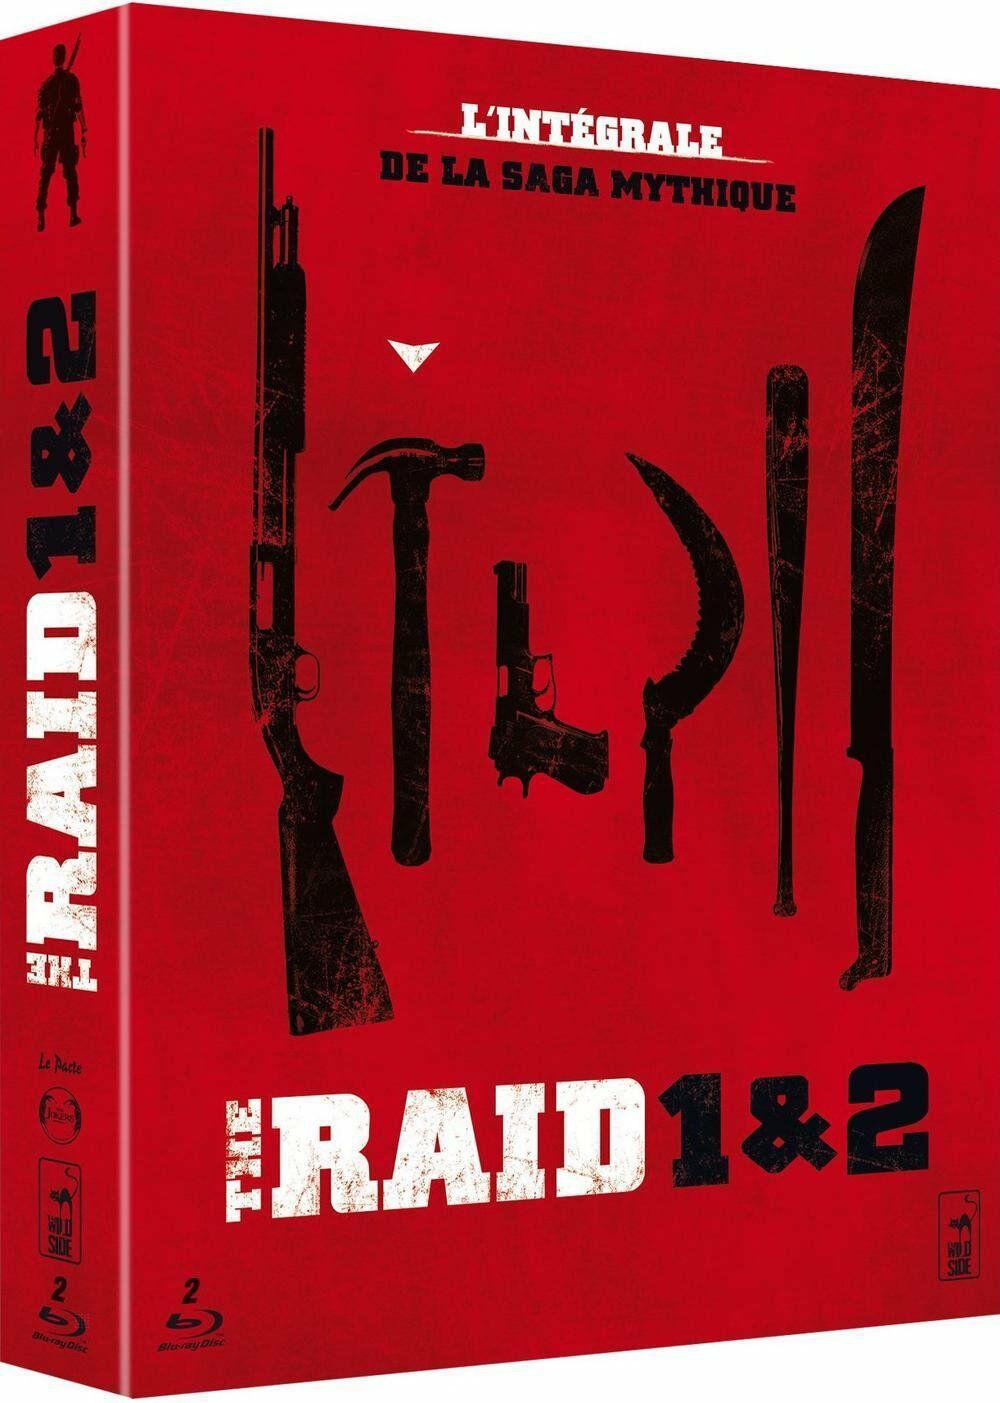 Coffret Blu-ray The Raid 1 et 2